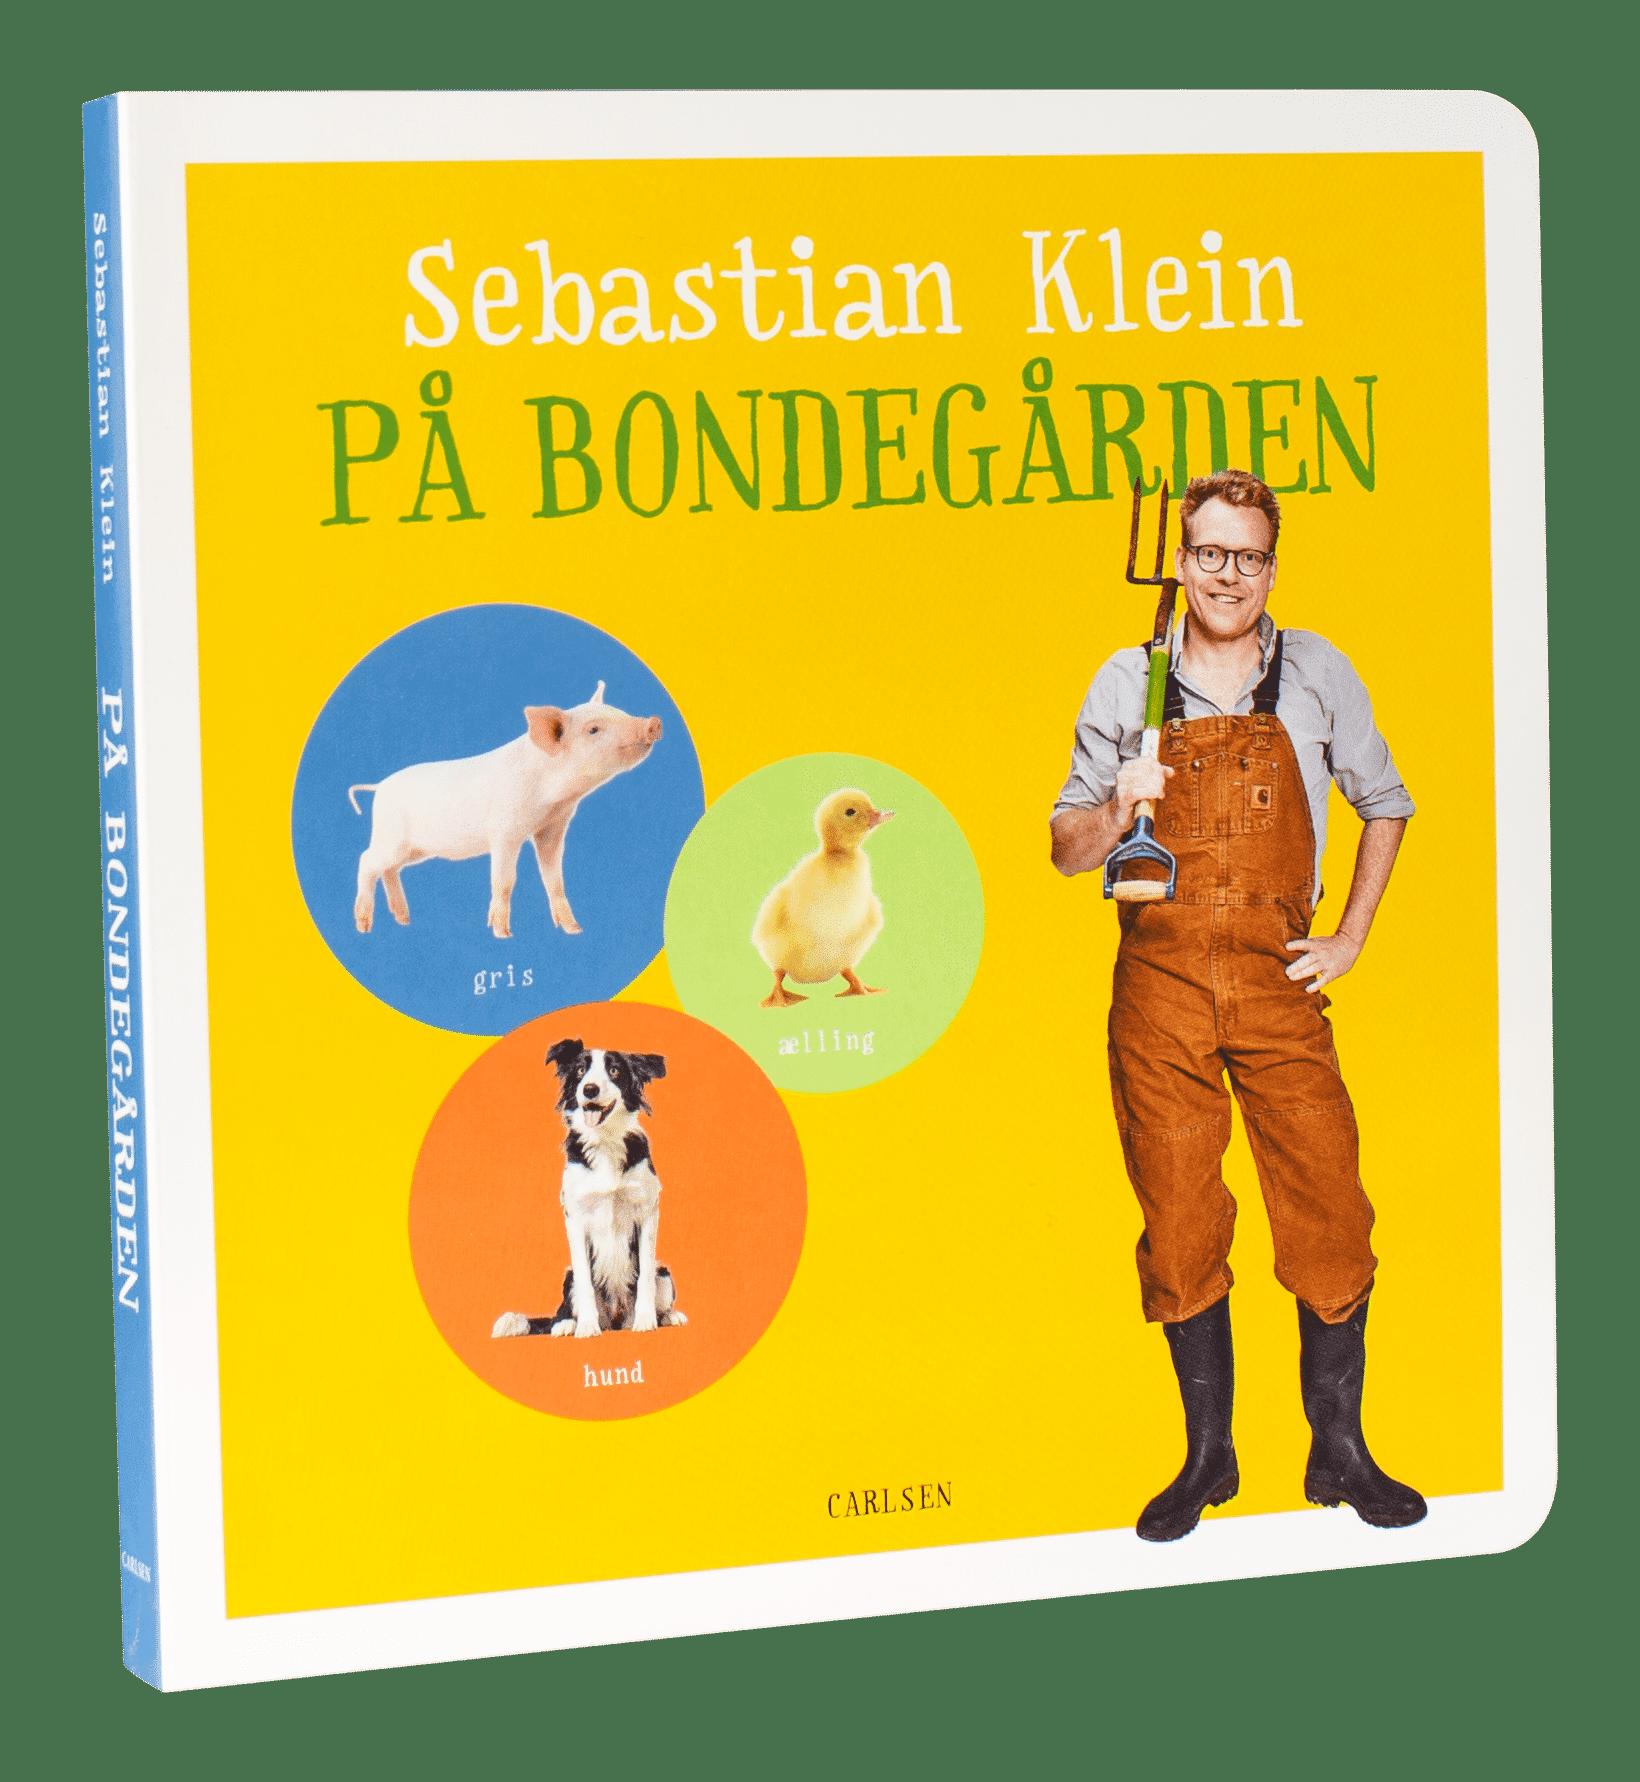 Sebastian Klein, Sebastian Klein på bondegården, dyrebog, børnebog, børnebøger, papbog, papbøger, bøger til de mindste